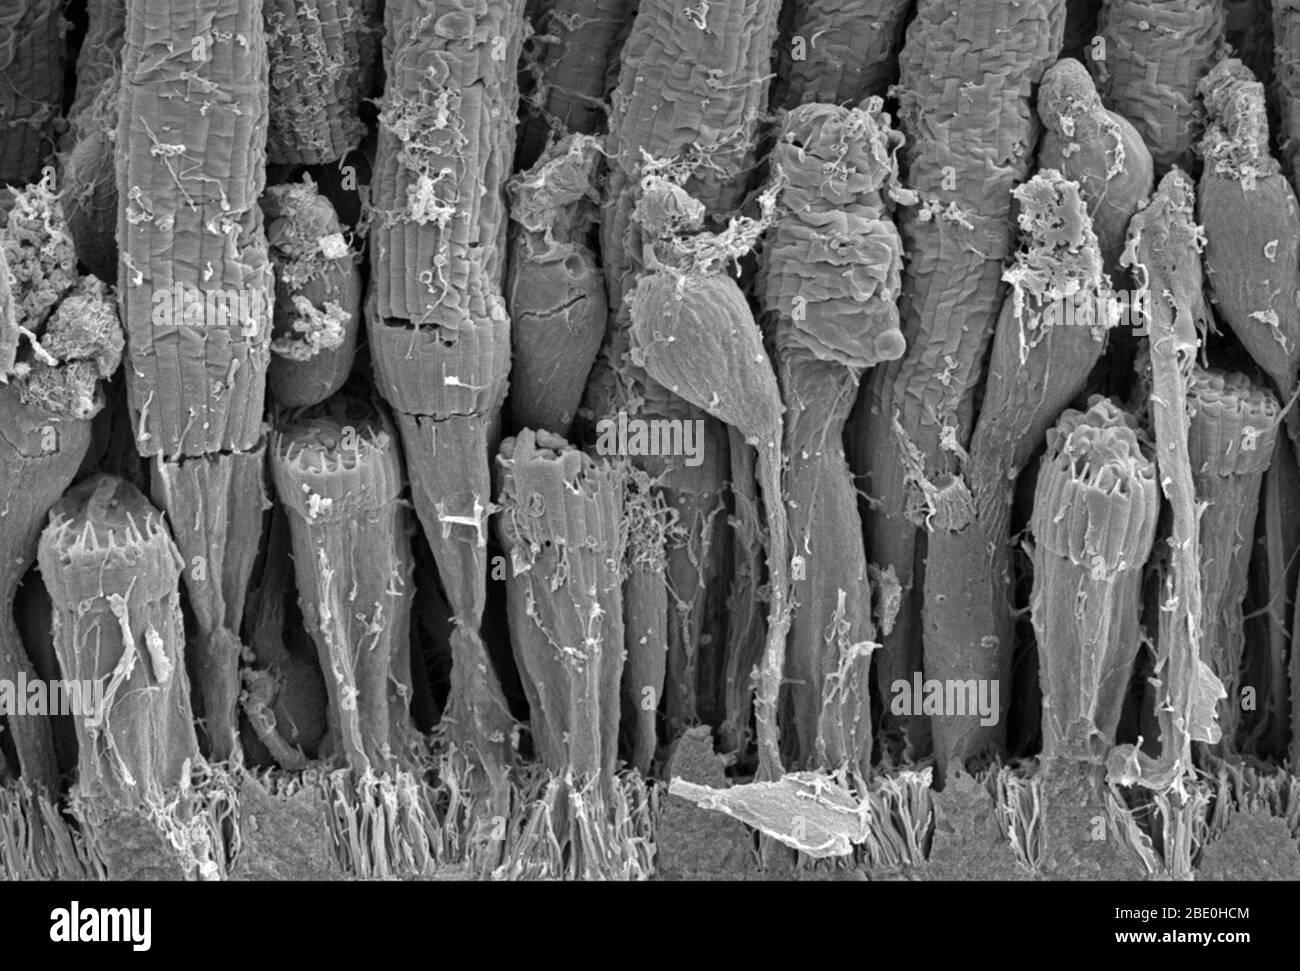 Balayage micrographe électronique (SEM) de la tige et de la structure conique d'une rétine d'amphibiens. Les cellules de tige sont des cellules de photorécepteur dans la rétine de l'œil qui peuvent fonctionner dans une lumière moins intense que l'autre type de photorécepteur visuel, cellules de cône. Les tiges sont habituellement concentrées sur les bords extérieurs de la rétine et sont utilisées dans la vision périphérique. Les cellules de cône, ou cônes, sont l'un des trois types de cellules de photorécepteur dans la rétine des yeux de mammifères. Ils sont responsables de la vision et du fonctionnement des couleurs le mieux dans une lumière relativement vive, par opposition aux cellules de tige, qui fonctionnent mieux dans la lumière faible. La nuit Banque D'Images